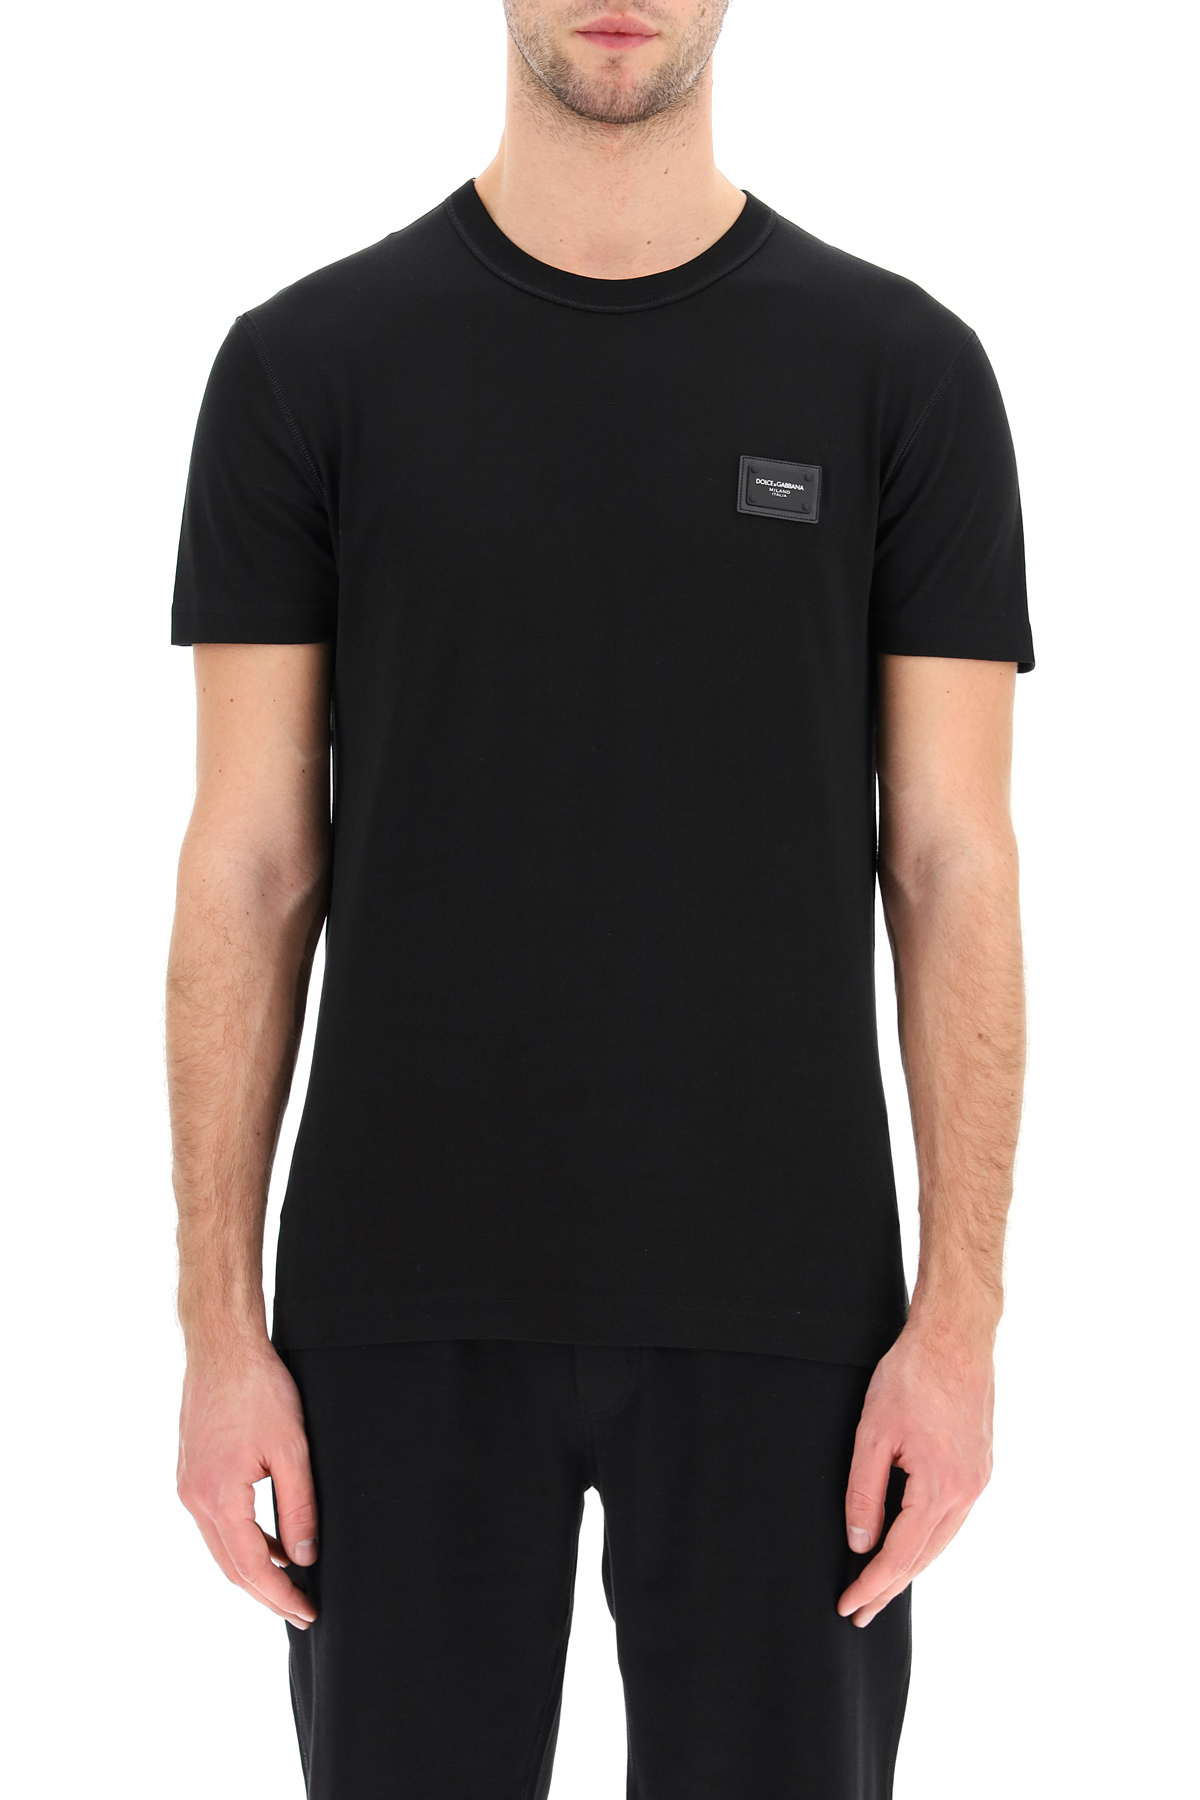 Dolce & gabbana t-shirt cotone con placca logata